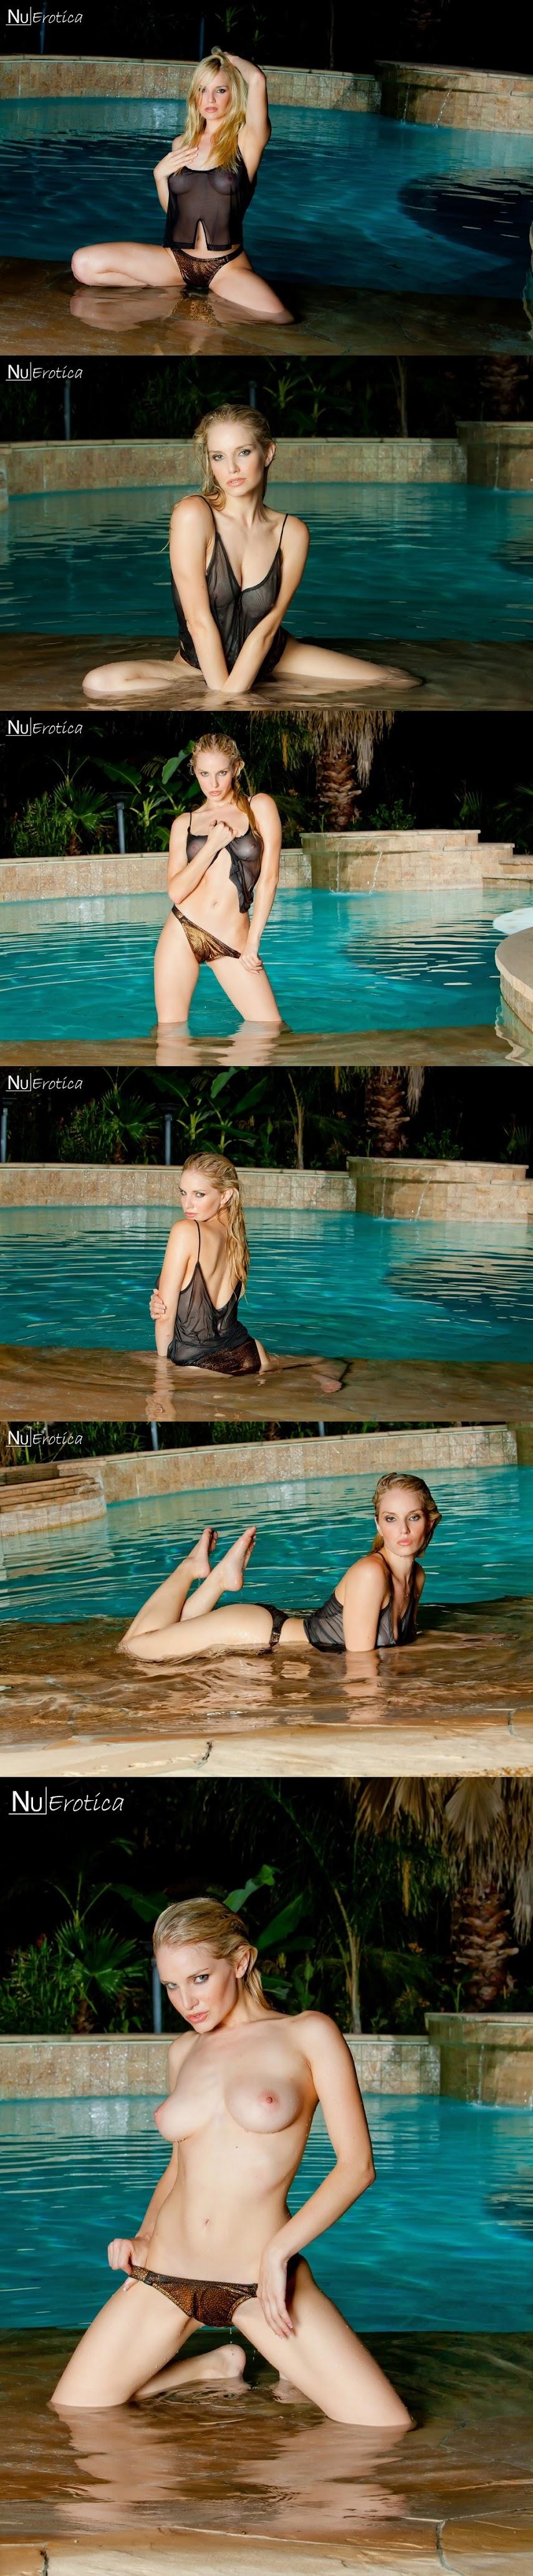 NuErotica 2015-12-12 Liz Ashley - Liz Ashley Nighttime Pool Fun